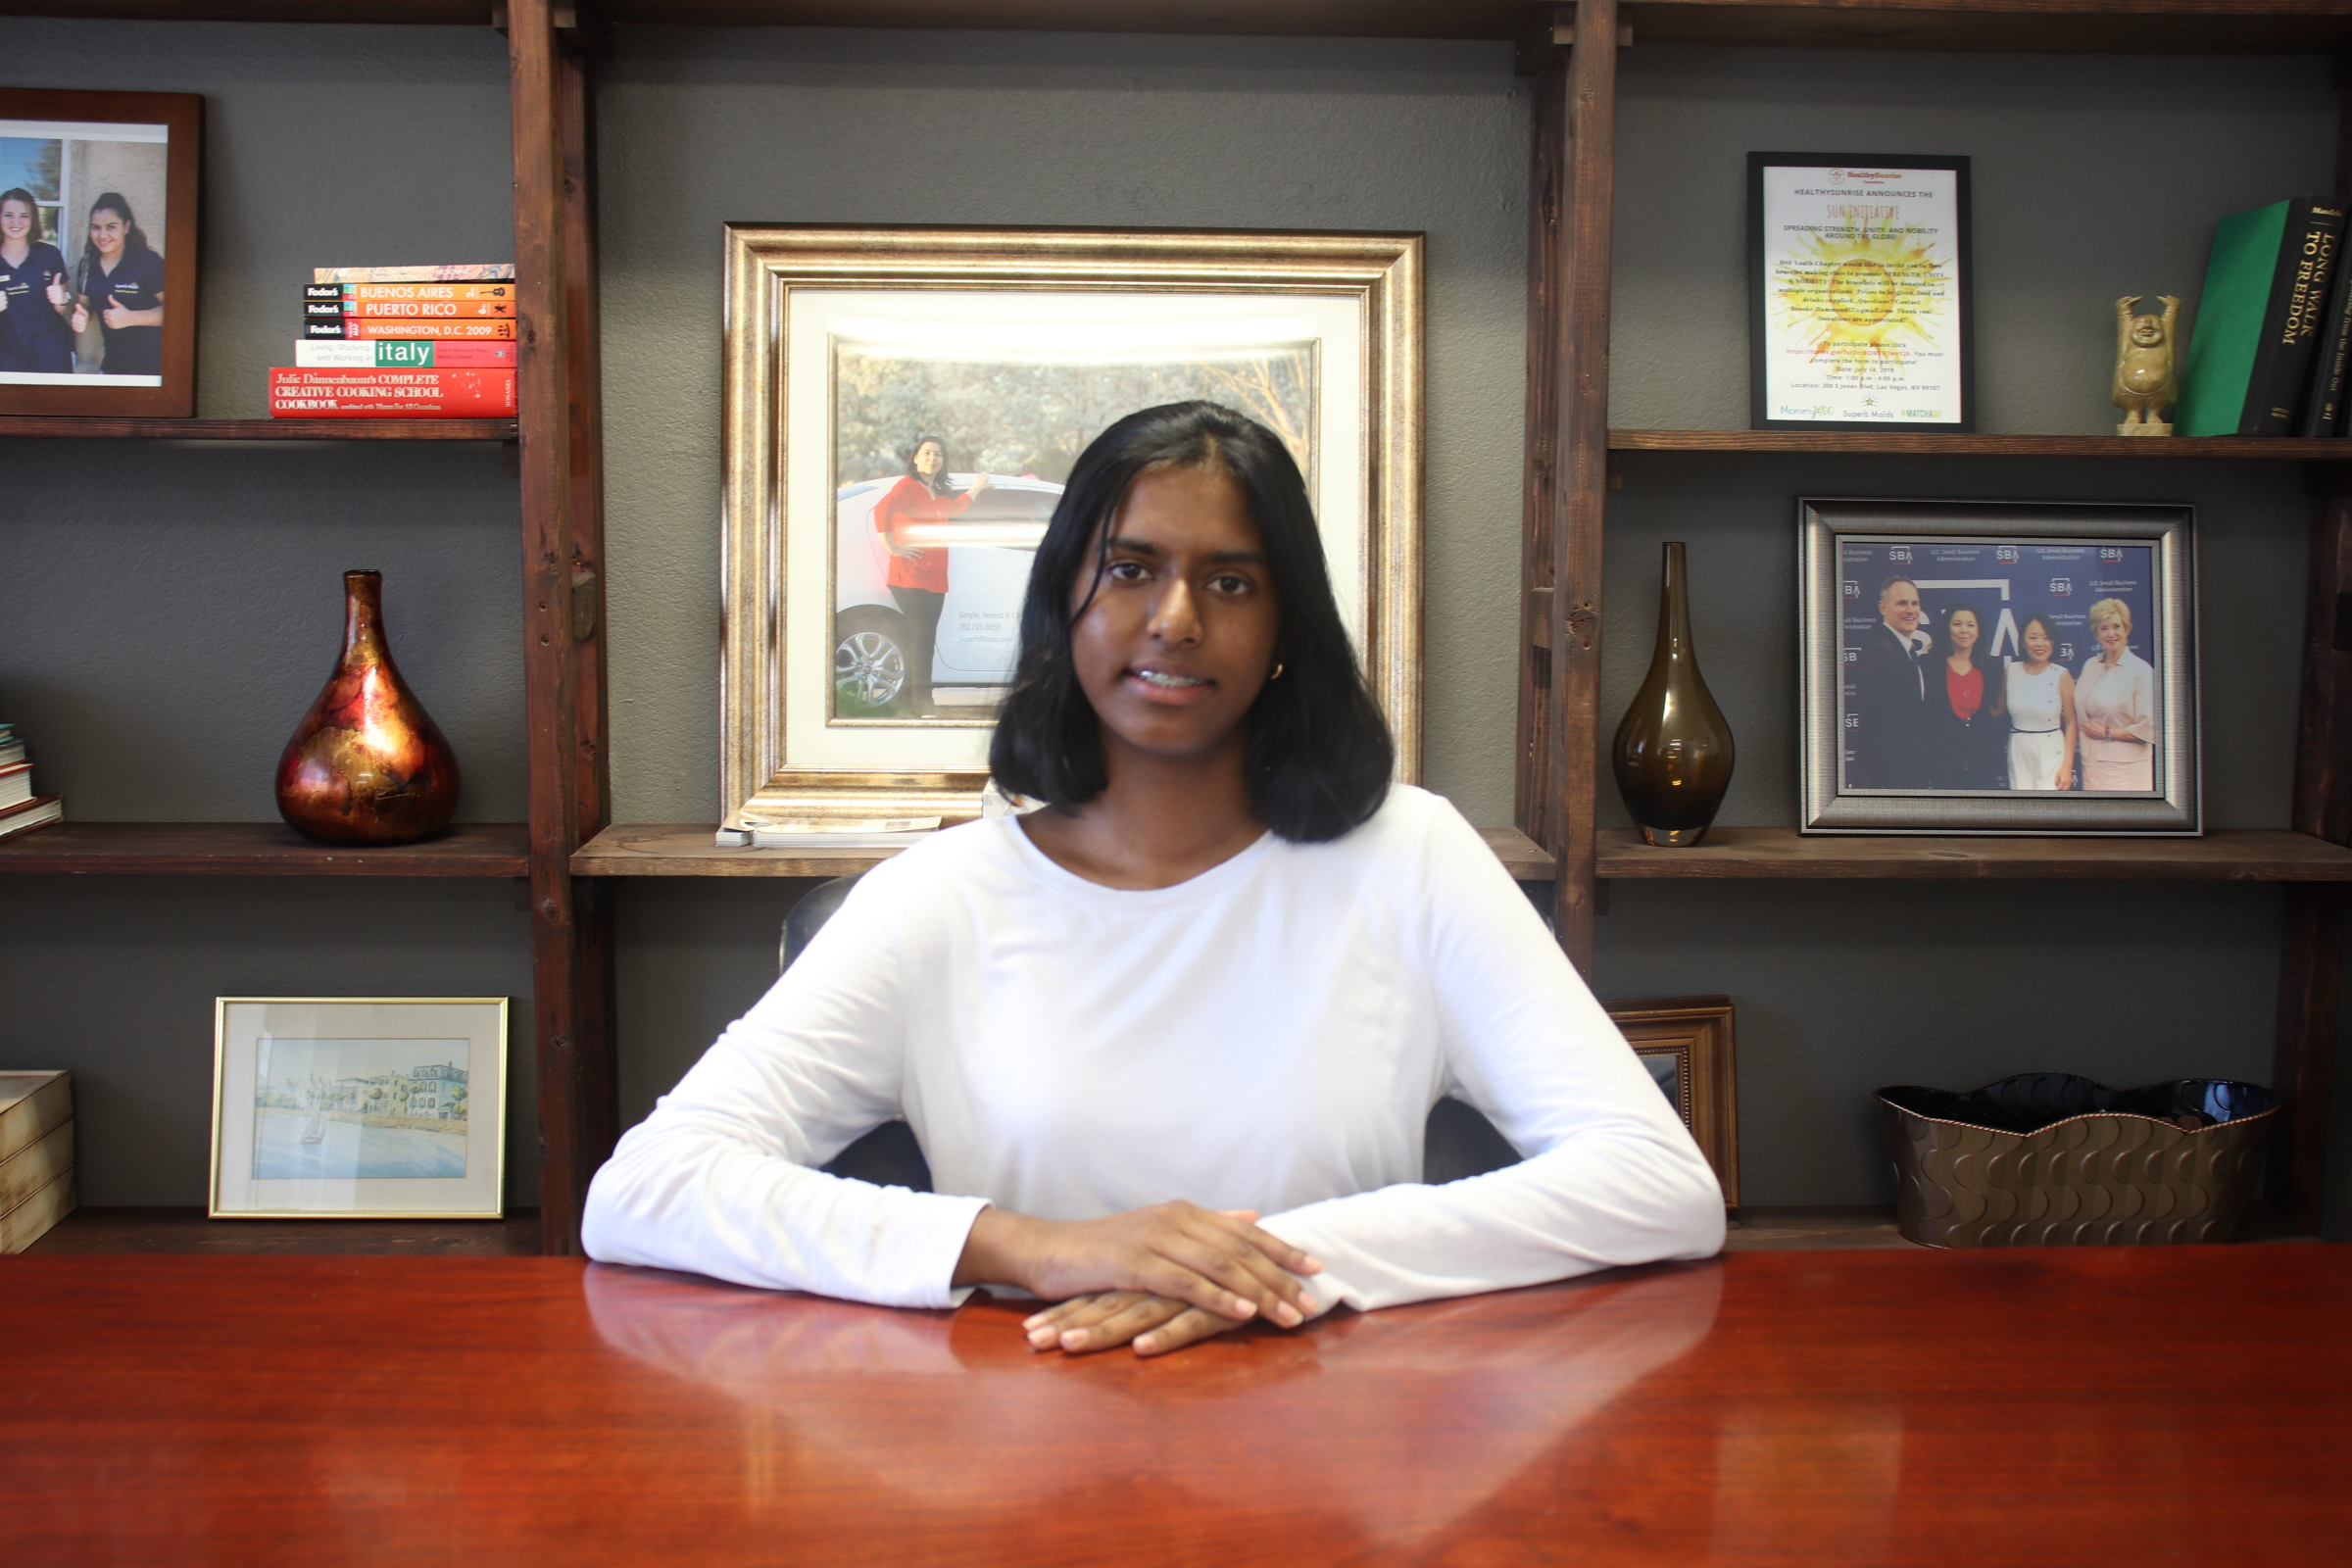 Dihini Perera </br>Secretary, HSF Youth Chapter